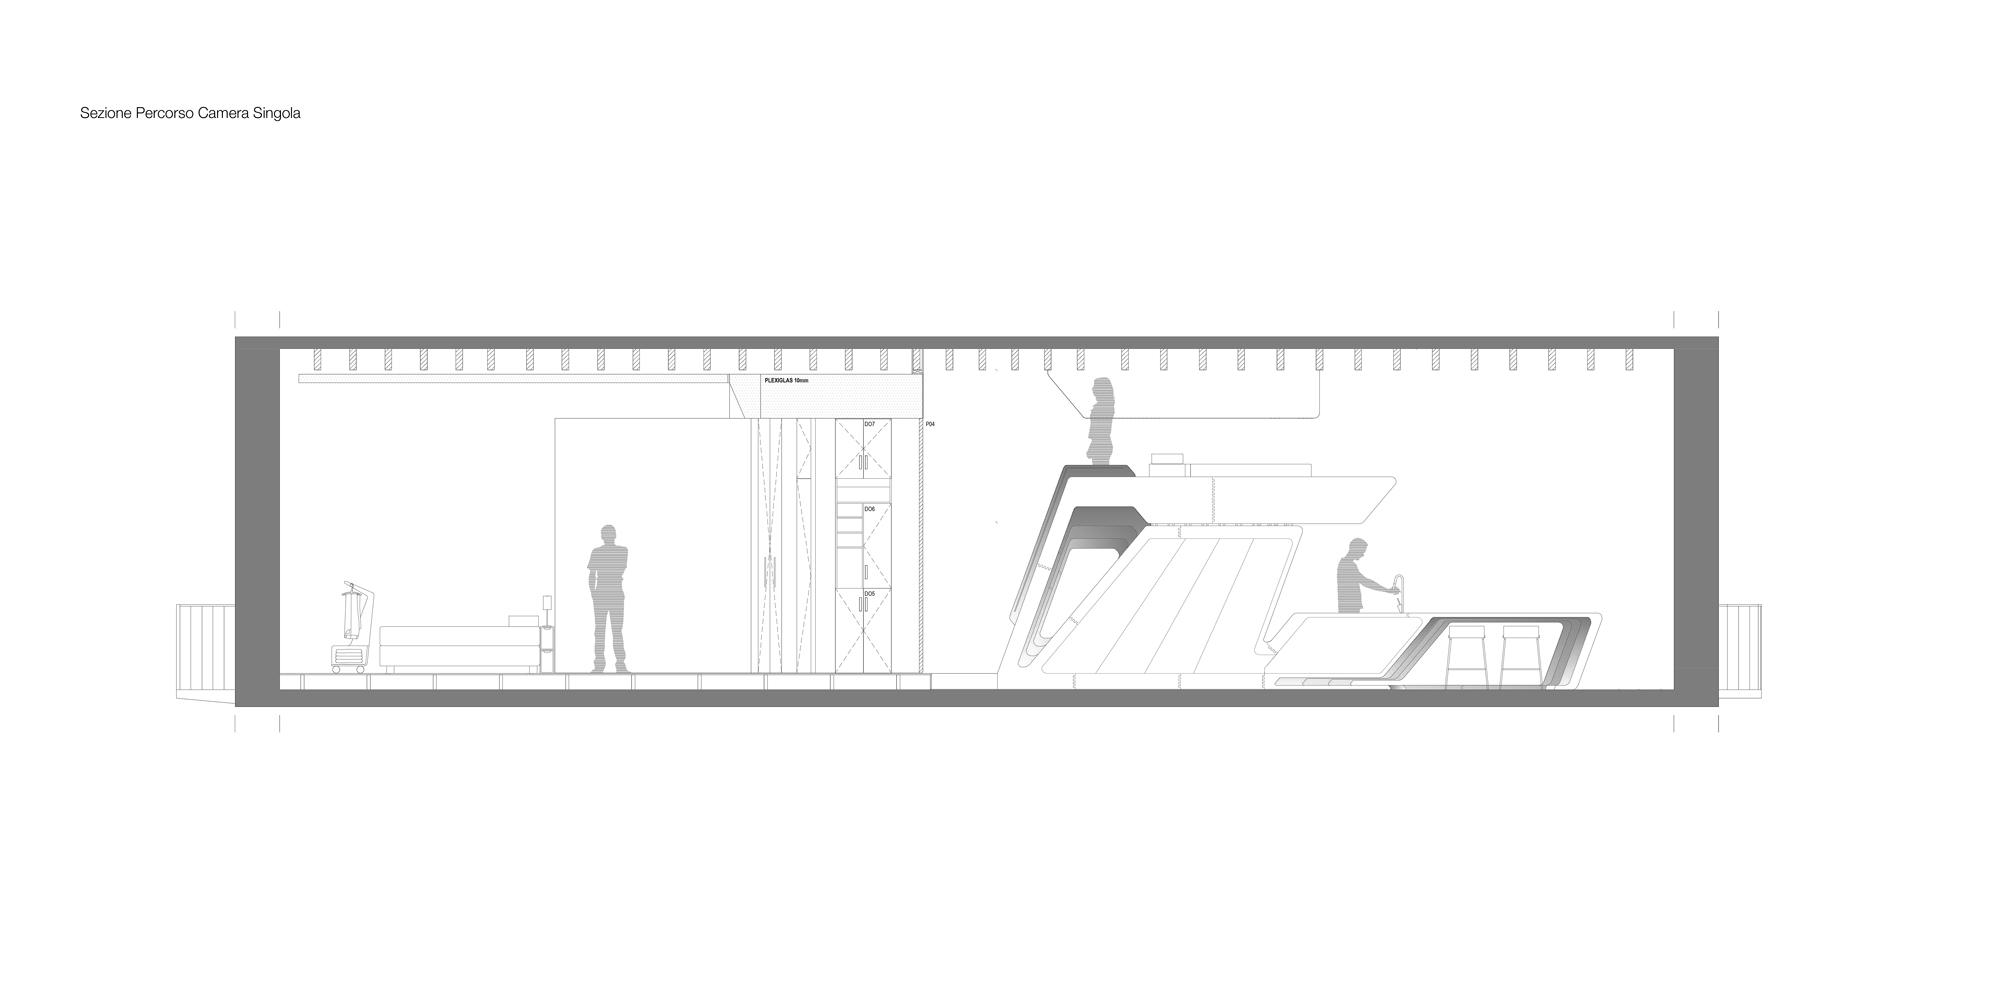 Sezione lungo il percorso verso la camera singola. Space Organizer si sviluppa nelle tre dimensioni sfruttando la notevole altezza libera.  }